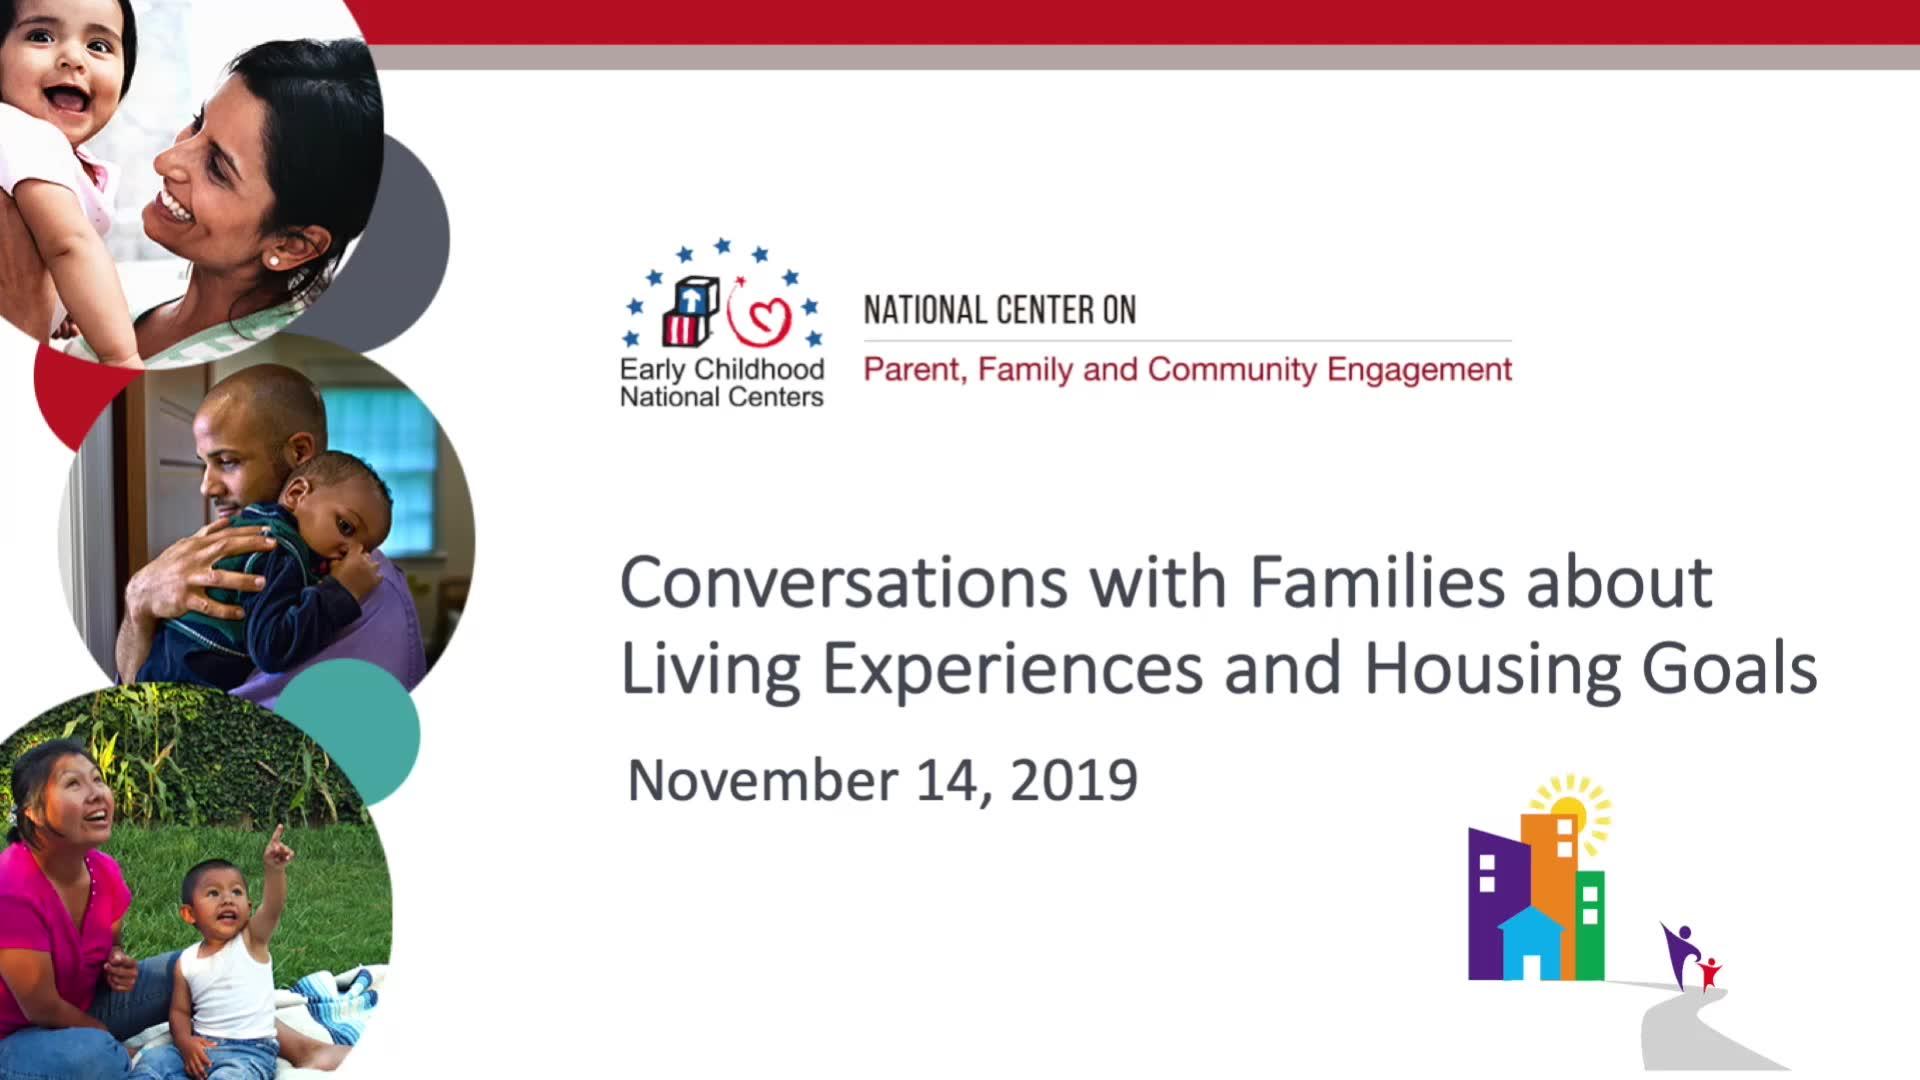 Conversaciones con las familias sobre experiencias de vida y metas de vivienda